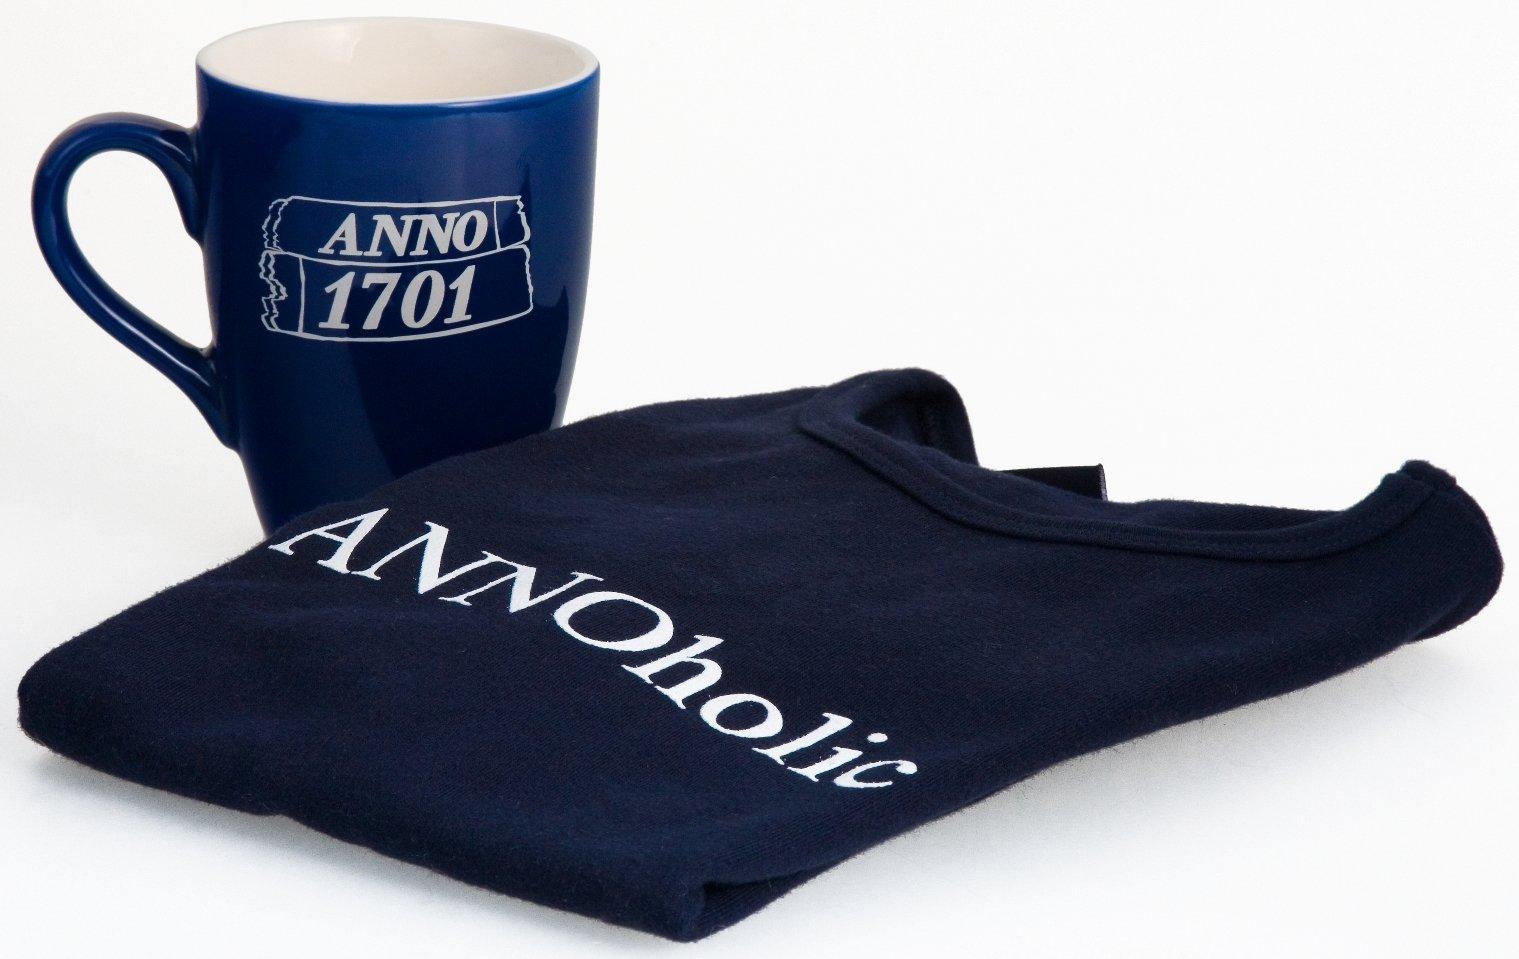 Anno 1701 Tasse und T-Shirt